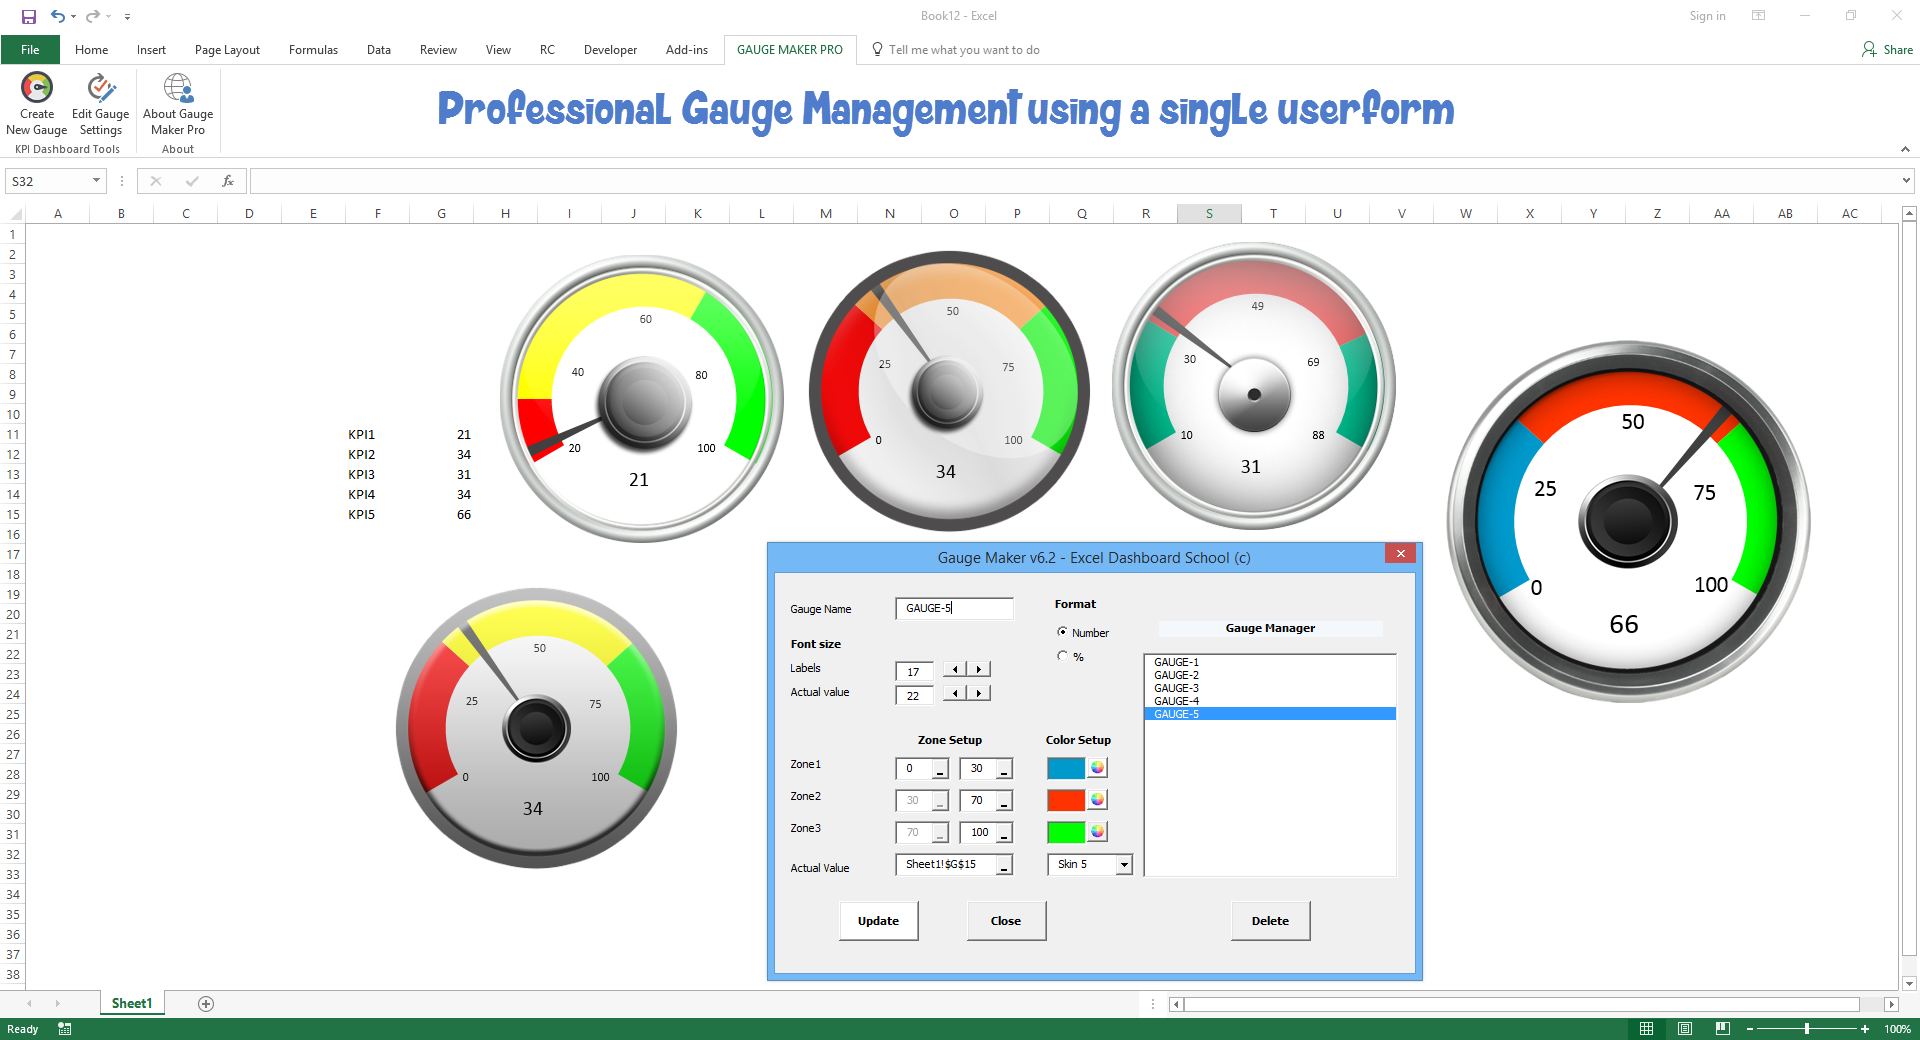 Excel Live Kpi Dashboard